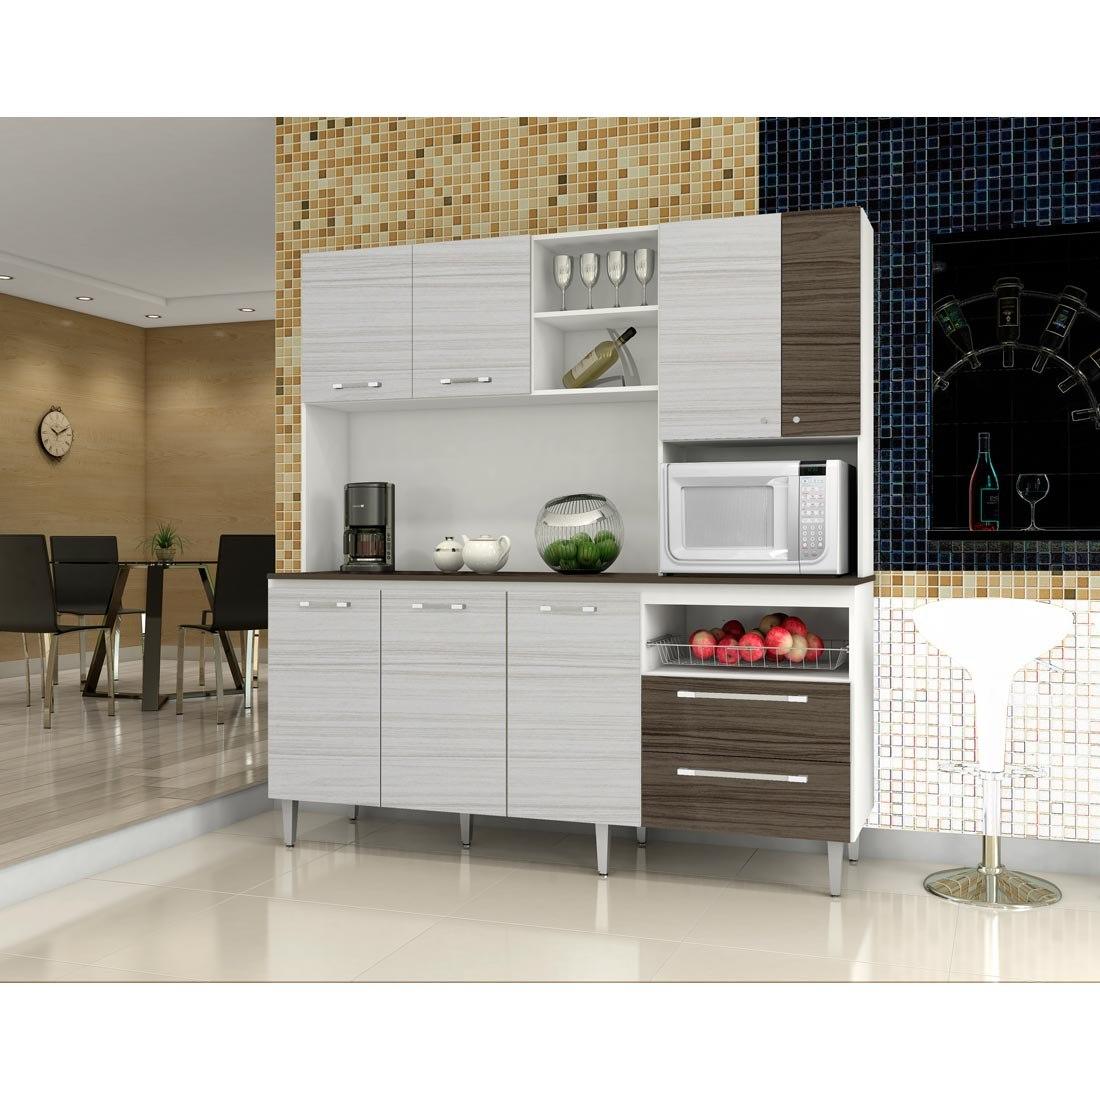 Cozinha Compacta Jade Rovere Kits Paran R 659 89 Em Mercado